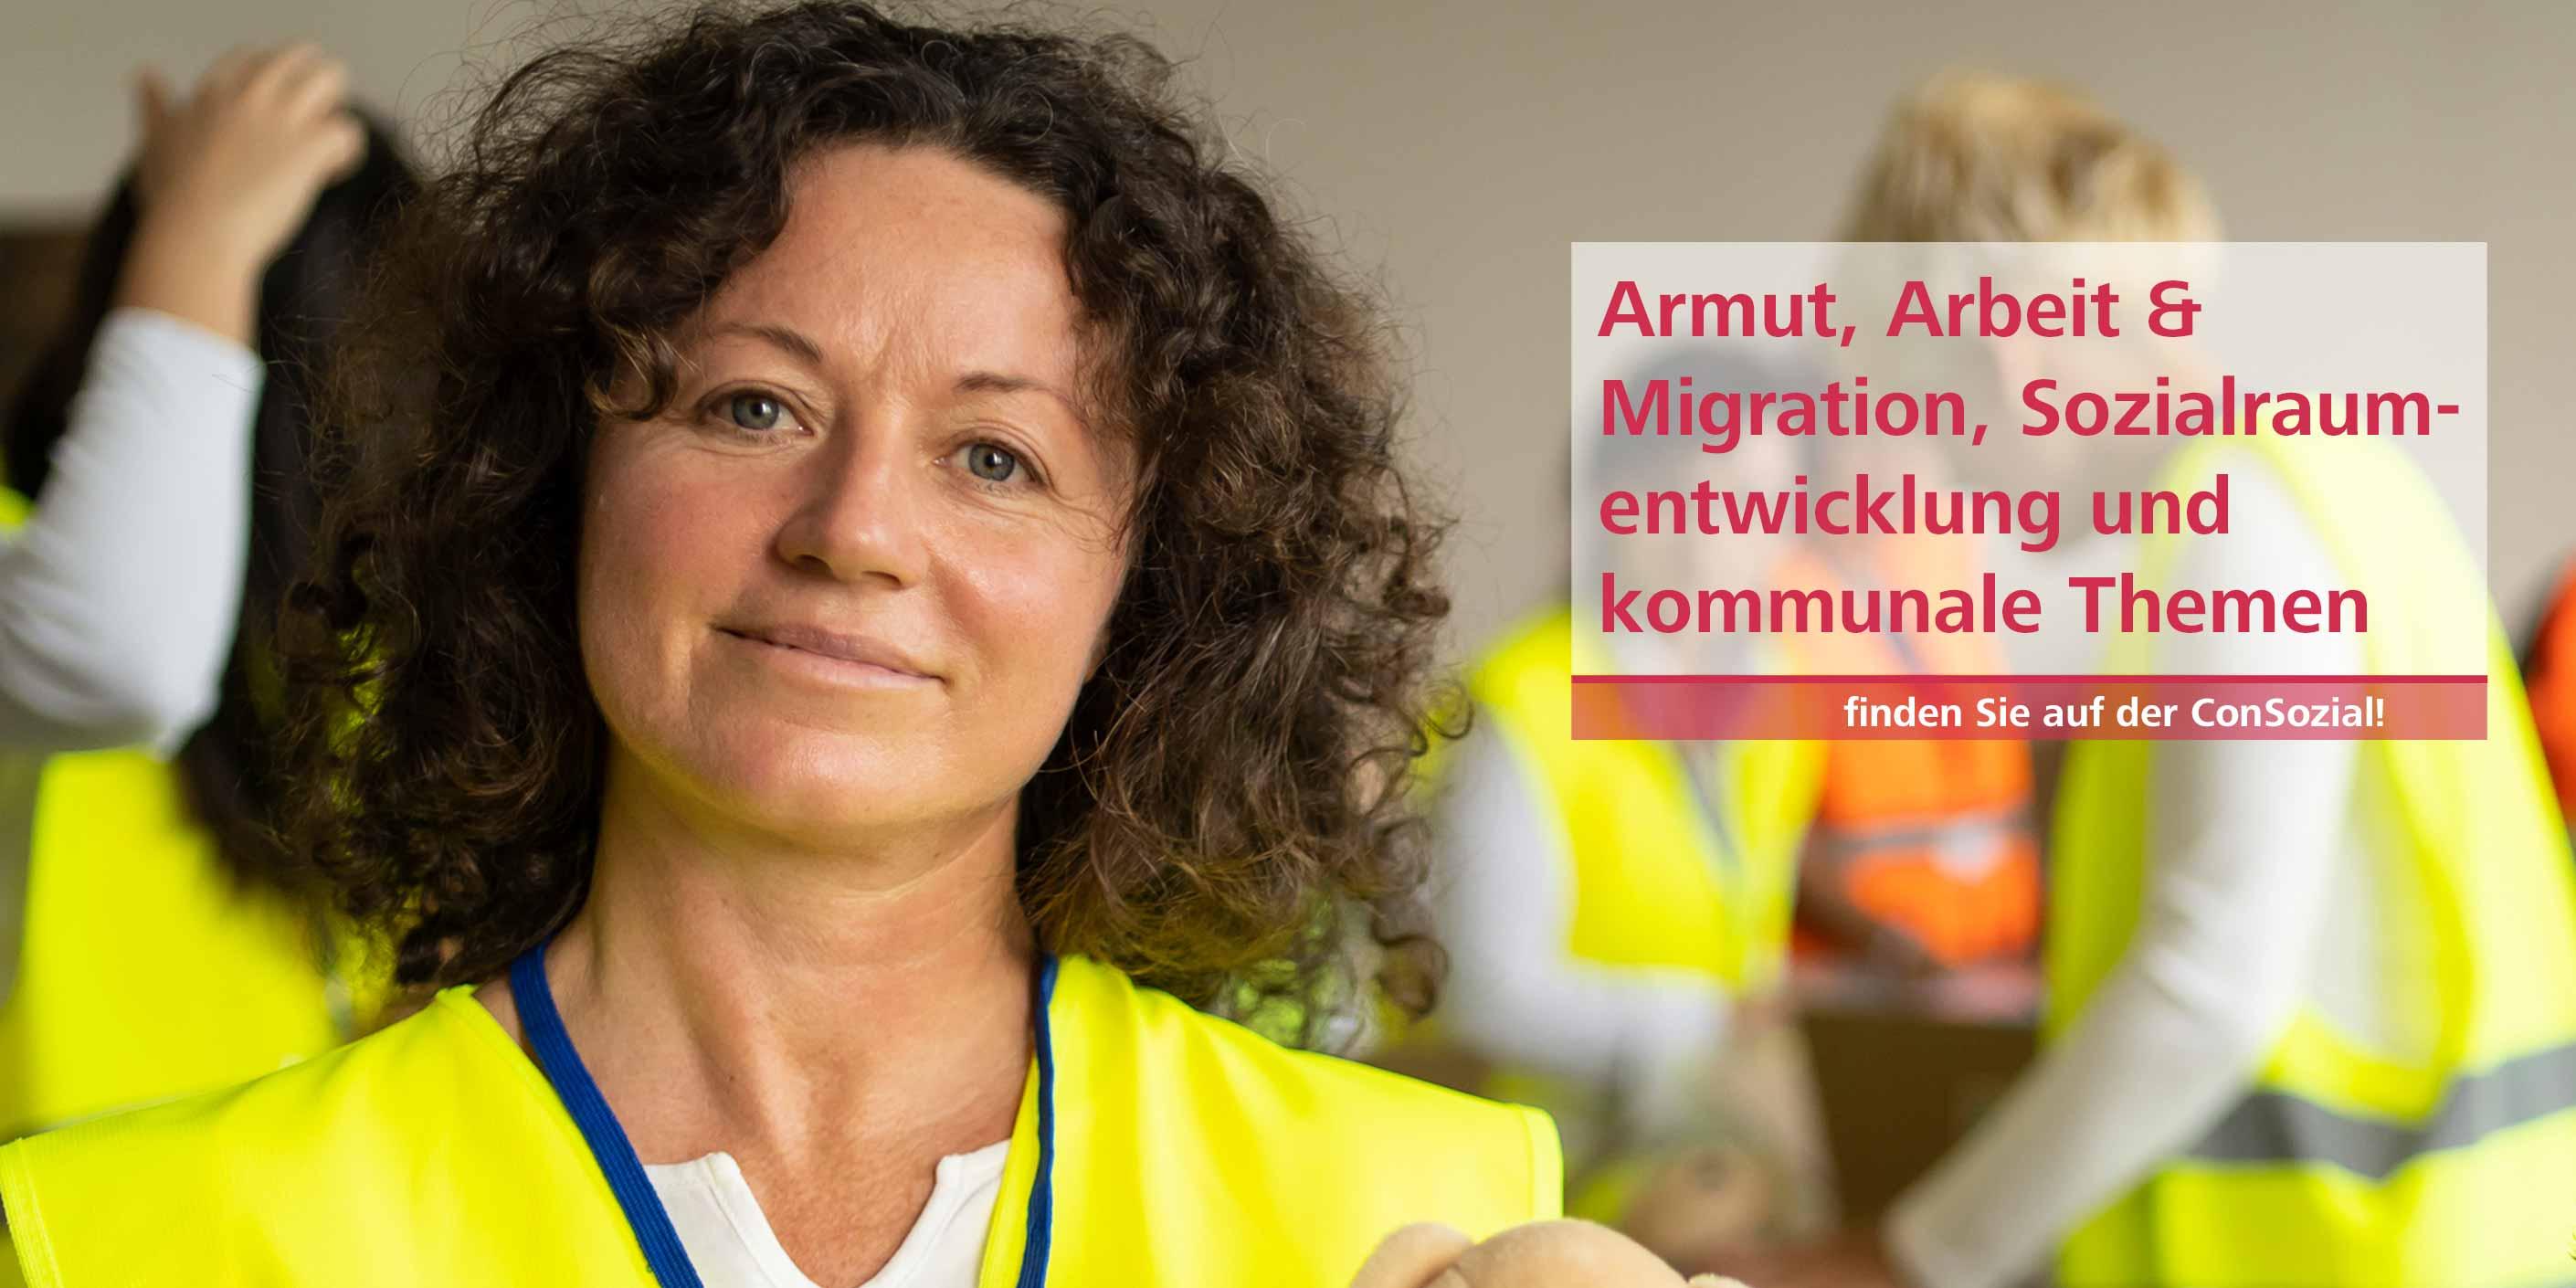 Armut, Arbeit & Migration, Sozialraumentwicklung und kommunale Themen